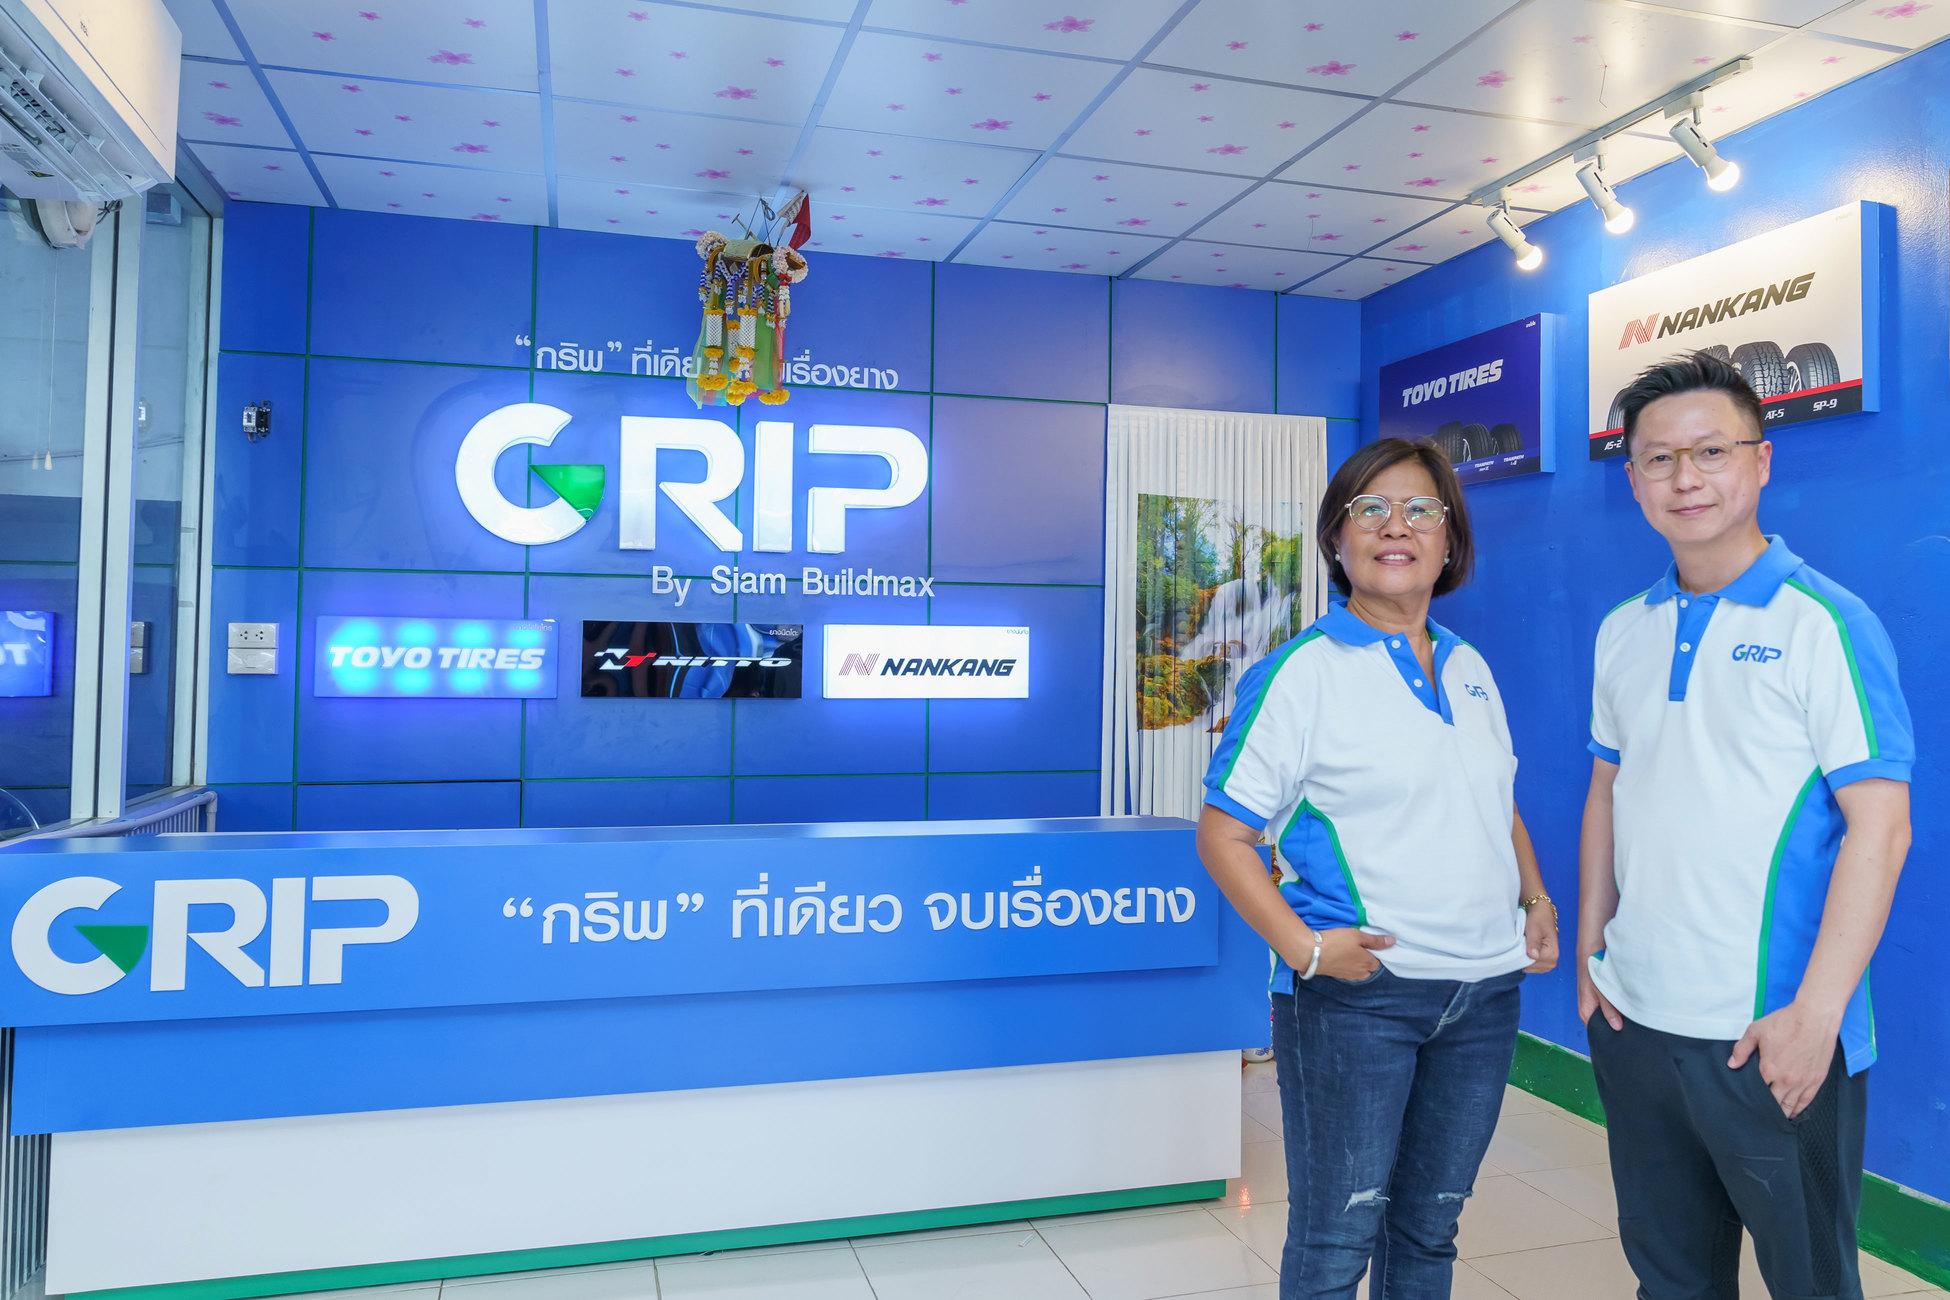 GRIP by Siam Buildmax เปิดแล้ว ตัวจริงเรื่องยาง พร้อมทีมงานมืออาชีพ